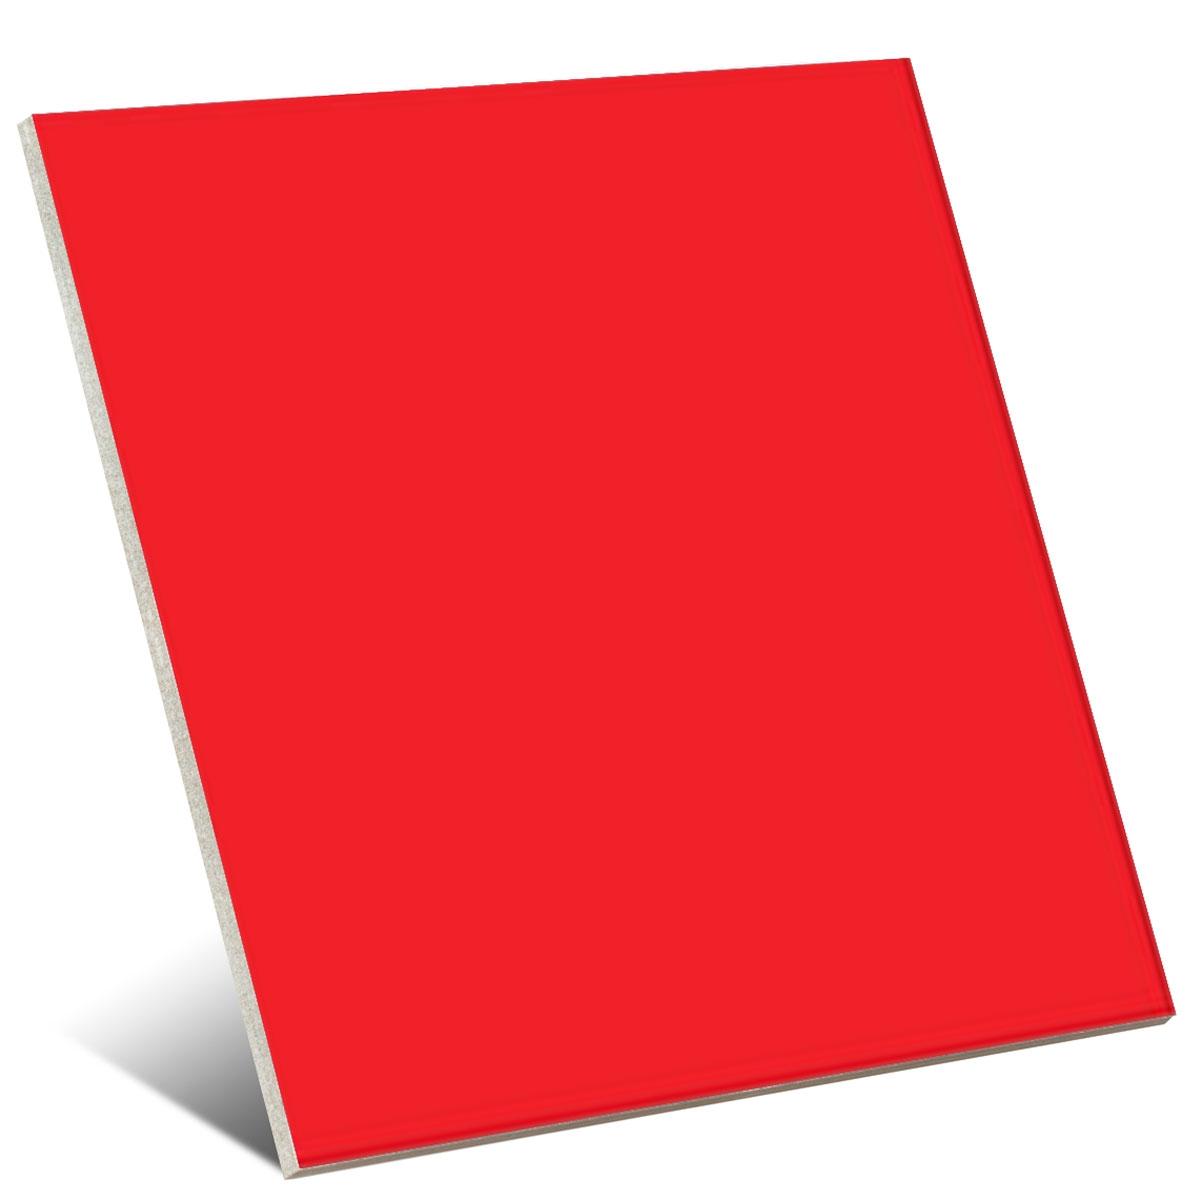 Color Rojo Brillo 20x20 cm (caja 1 m2)